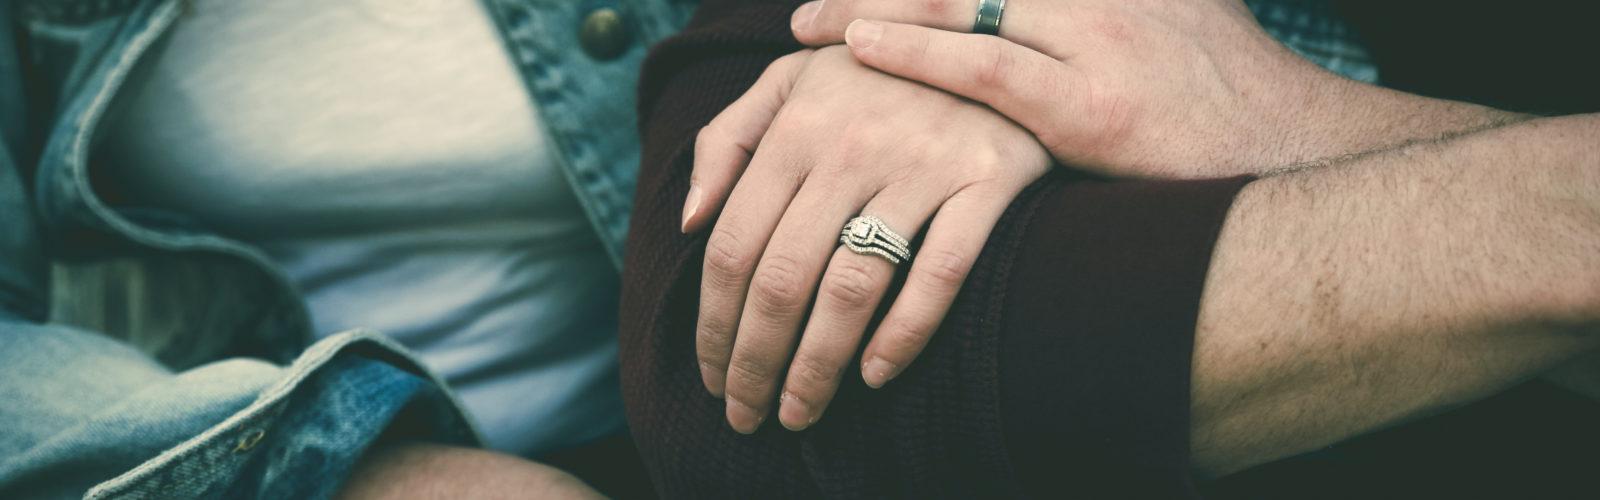 ruky, pohladenie, dotyky